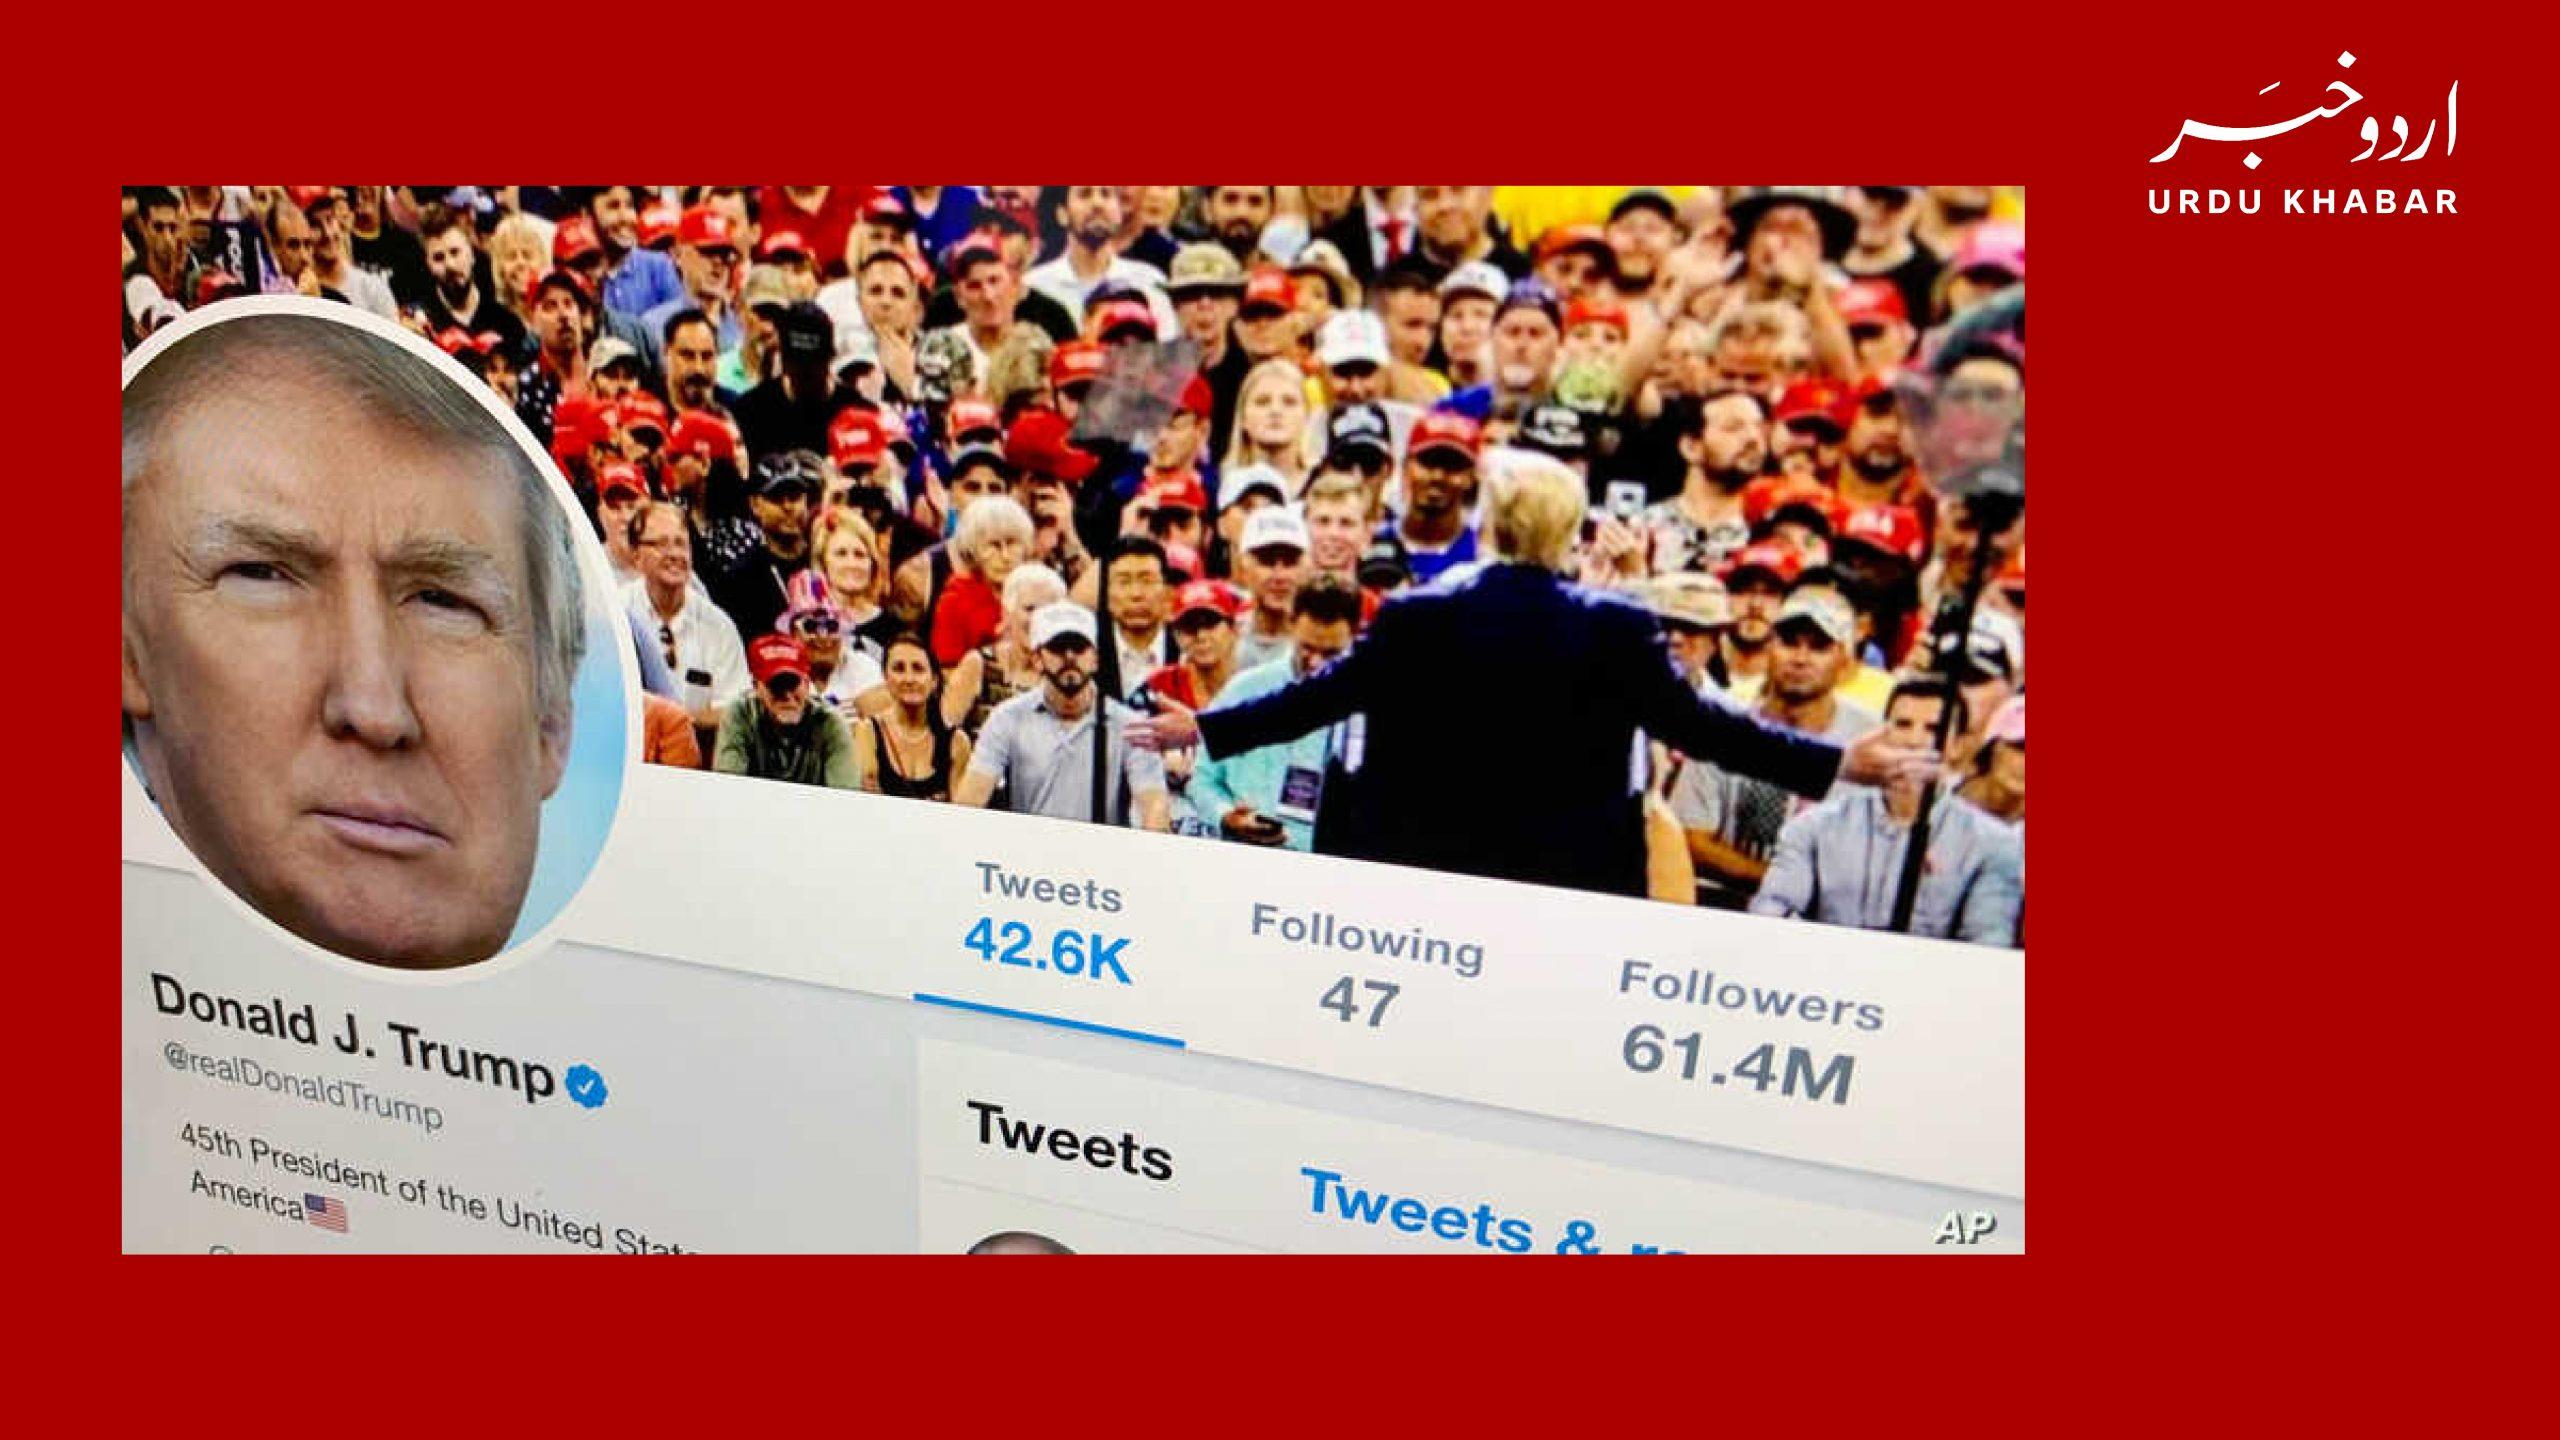 ٹویٹر نے ایک مرتبہ پھر ٹرمپ کی ٹویٹ ڈلیٹ کر دی